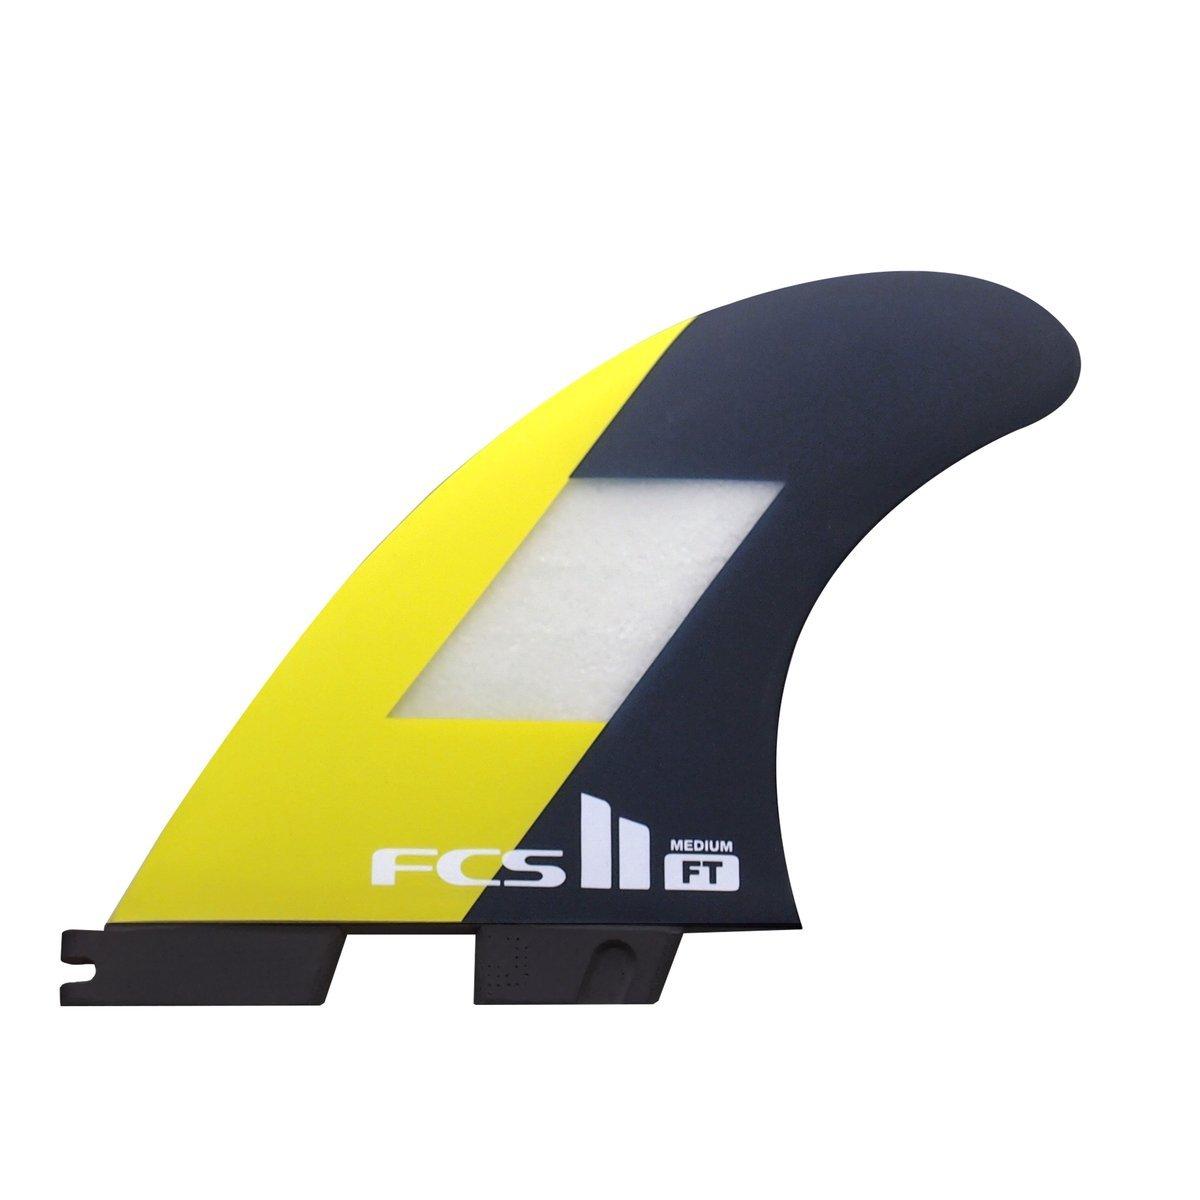 FCS II Filipe Toledo PC Tri Fins